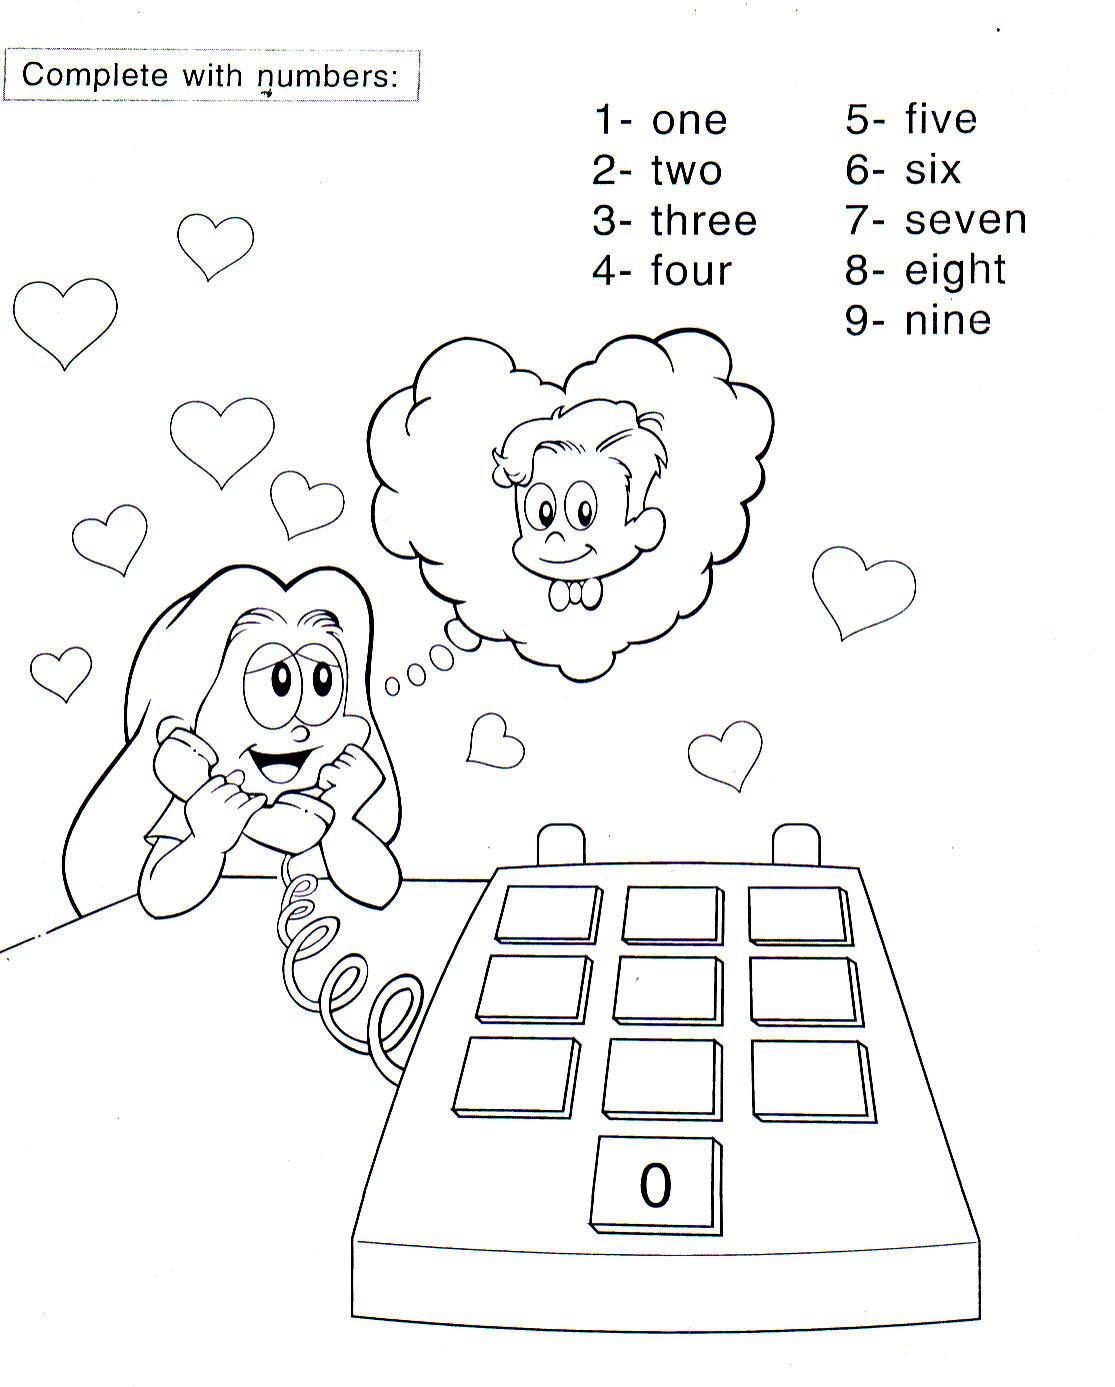 berühmt numero 10 para colorir aprender ein escrever numeros galerie